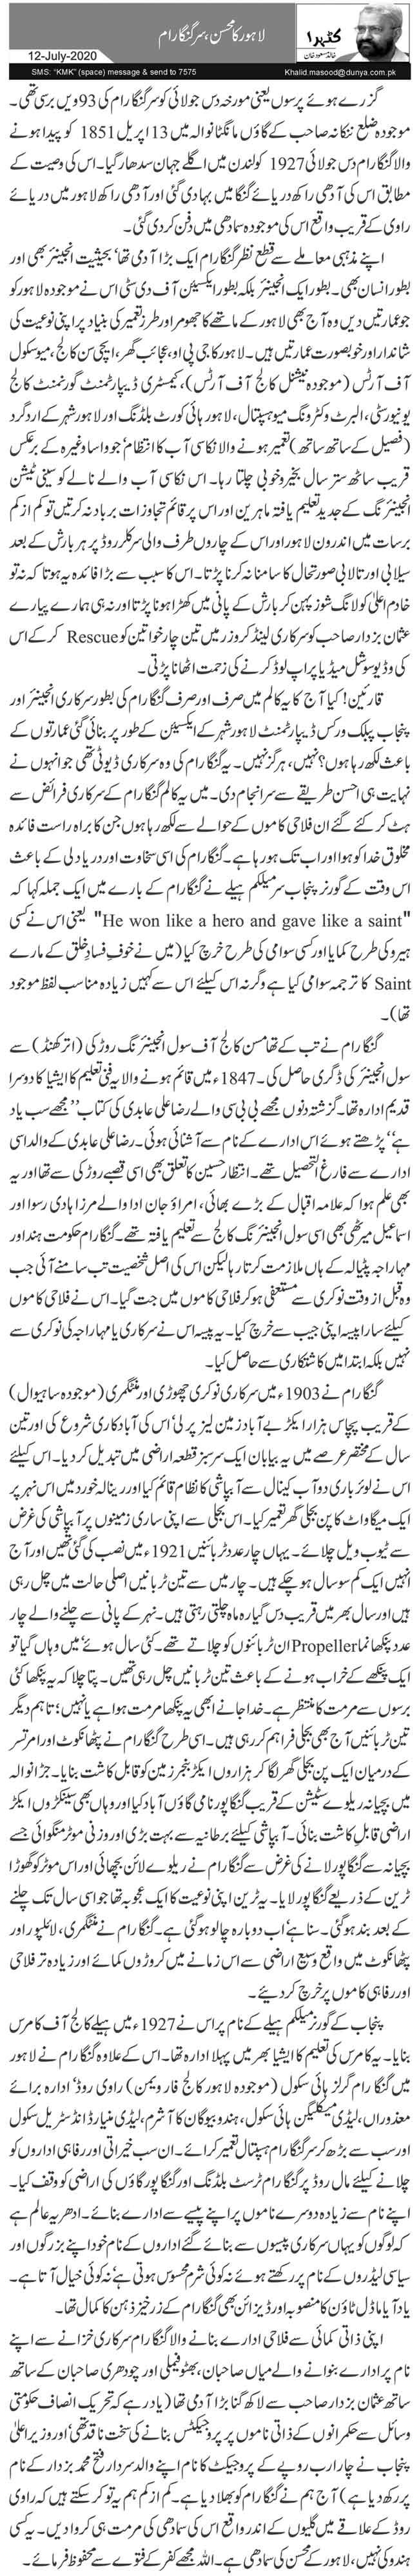 لاہور کا محسن، سر گنگا رام